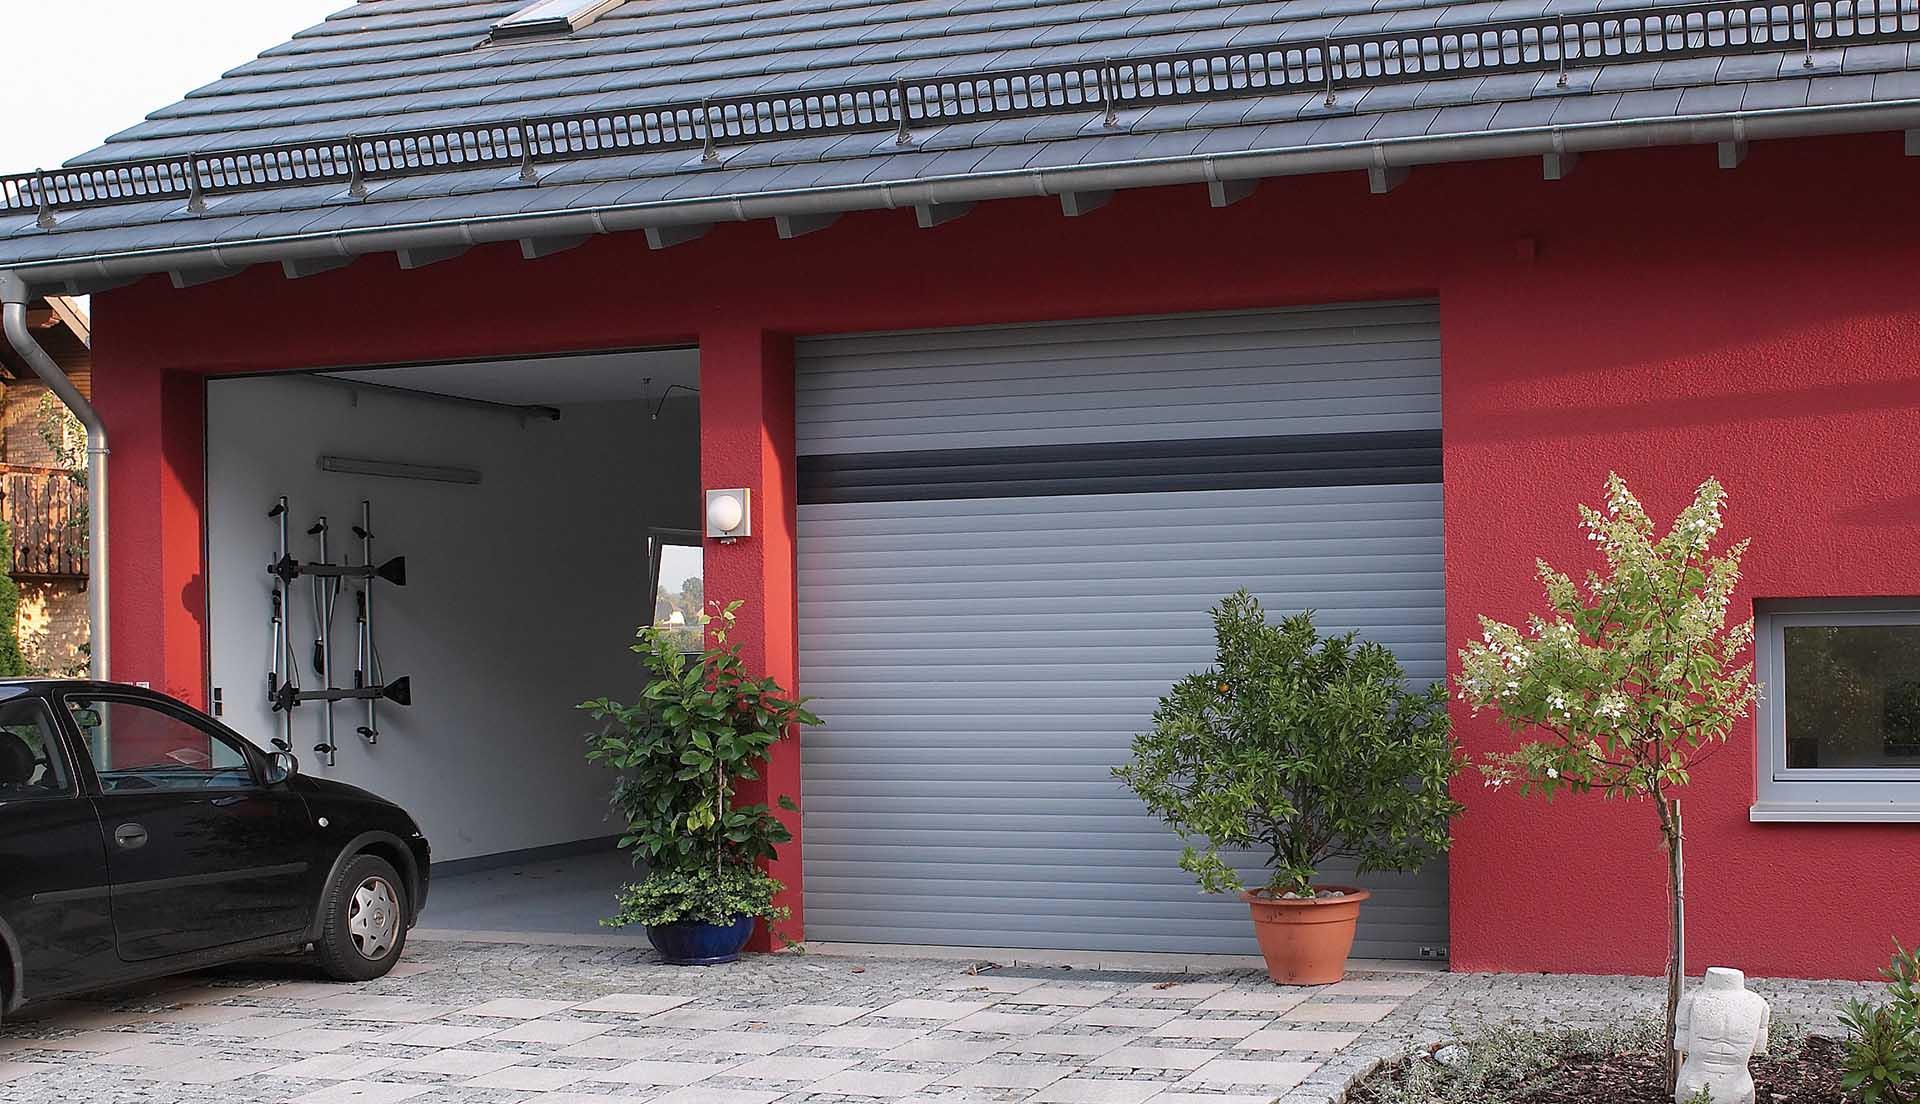 Garagentore - Automatische, komfortable und sichere Tore